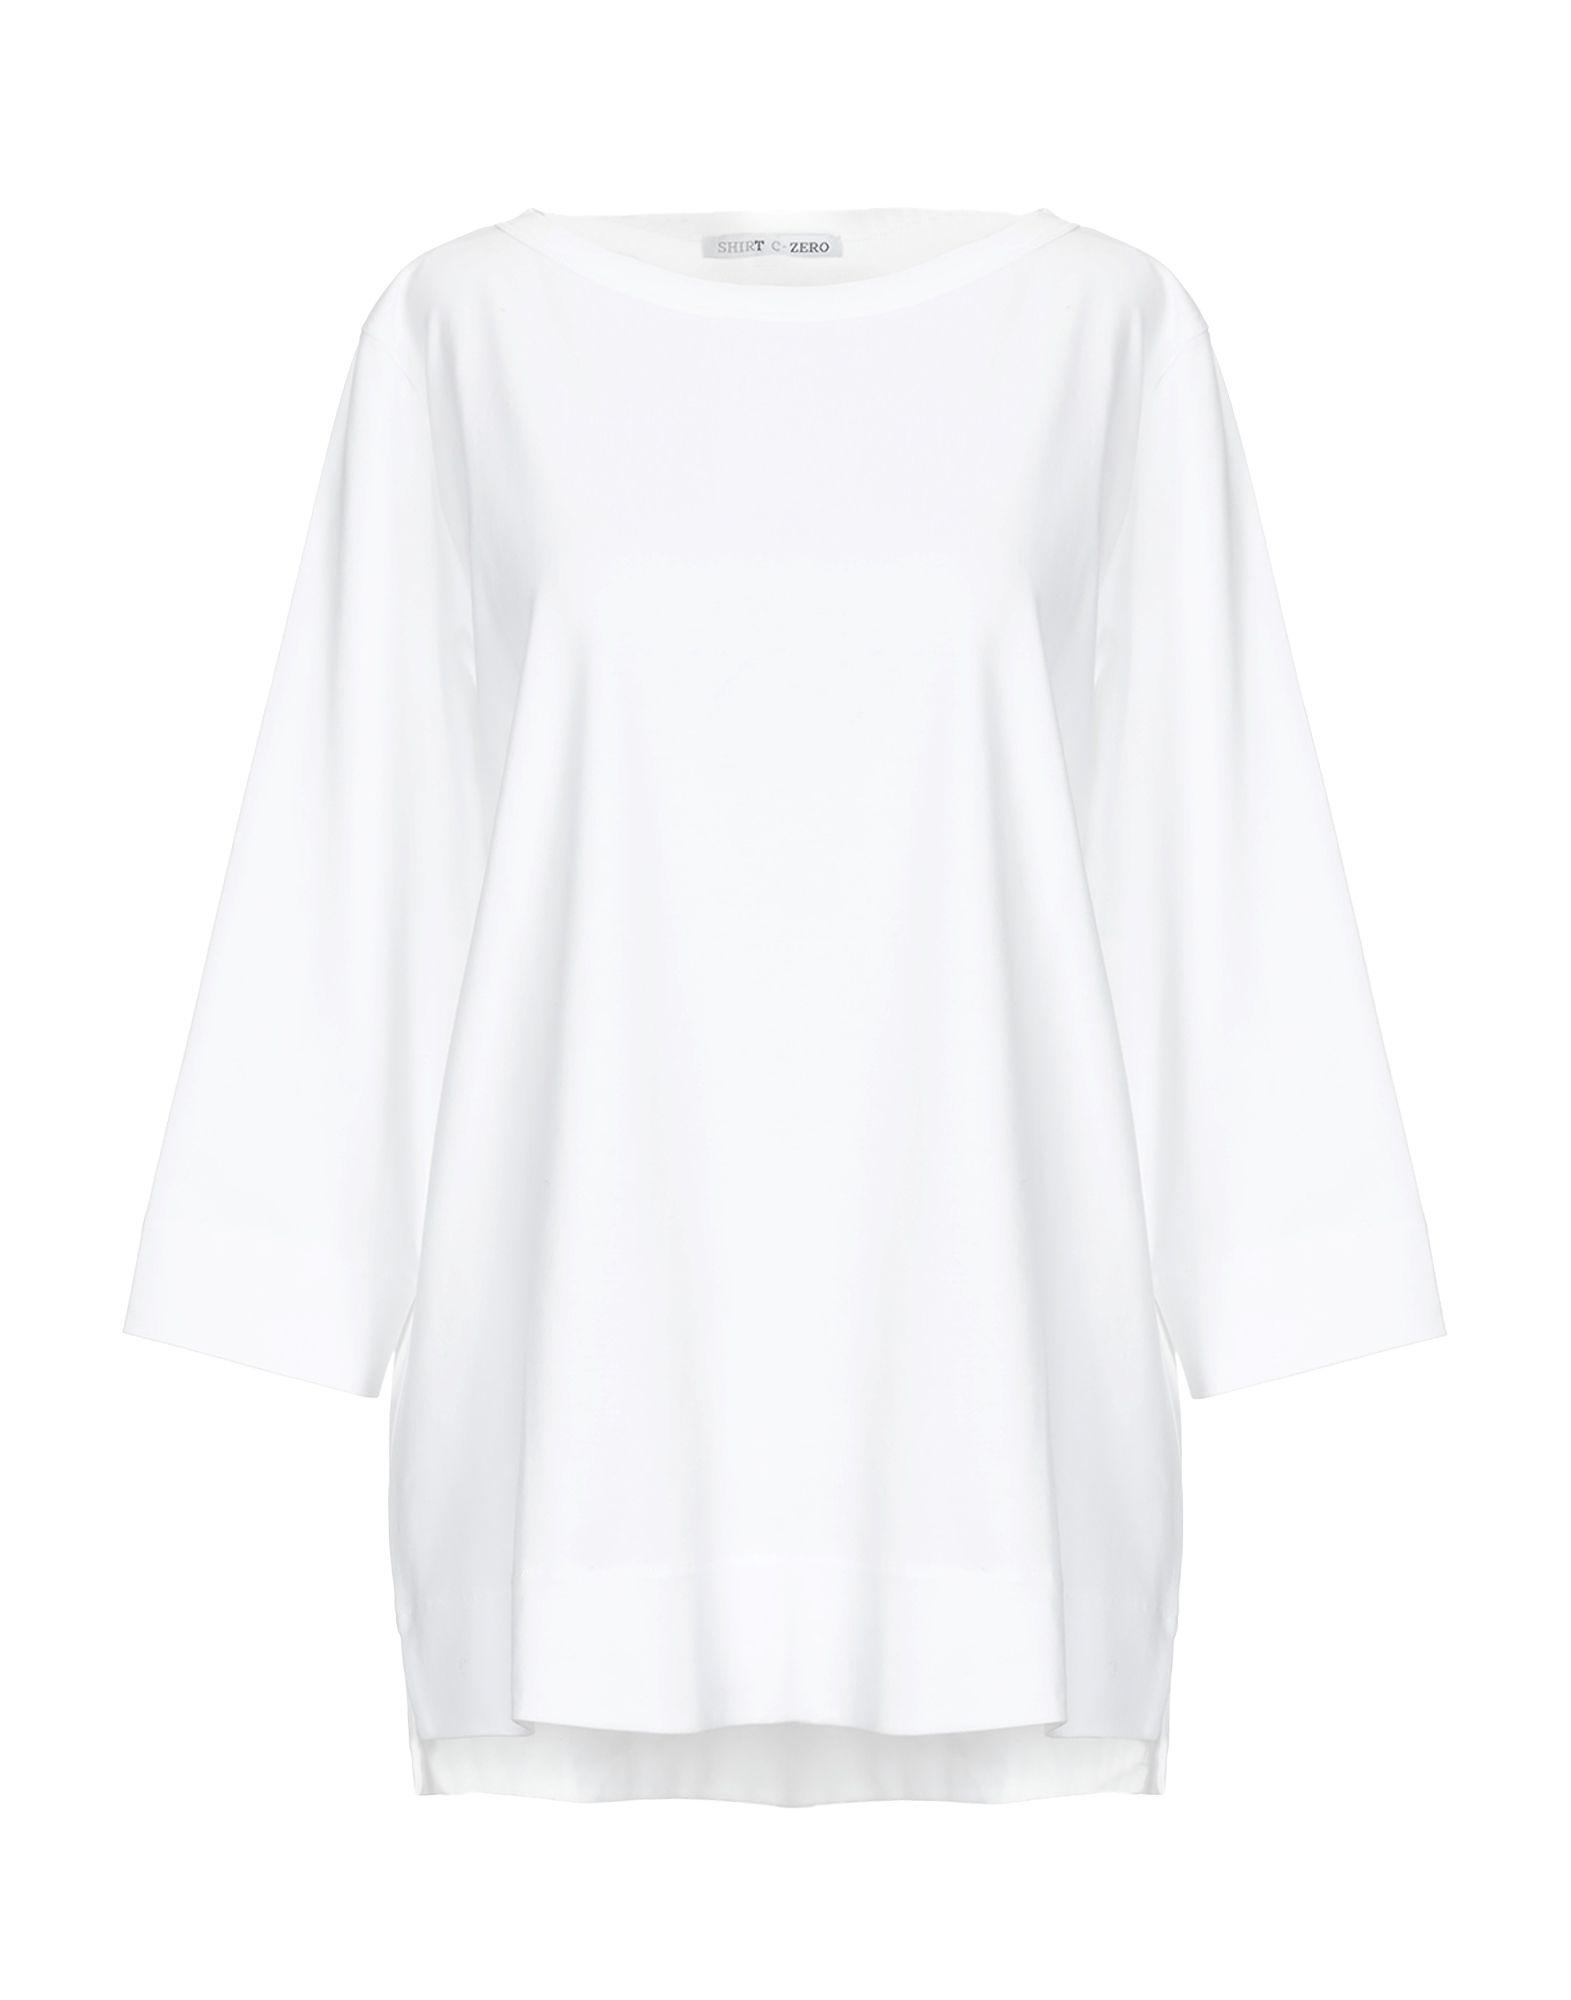 SHIRT C-ZERO Футболка полуприлегающее платье с разрезами double zero